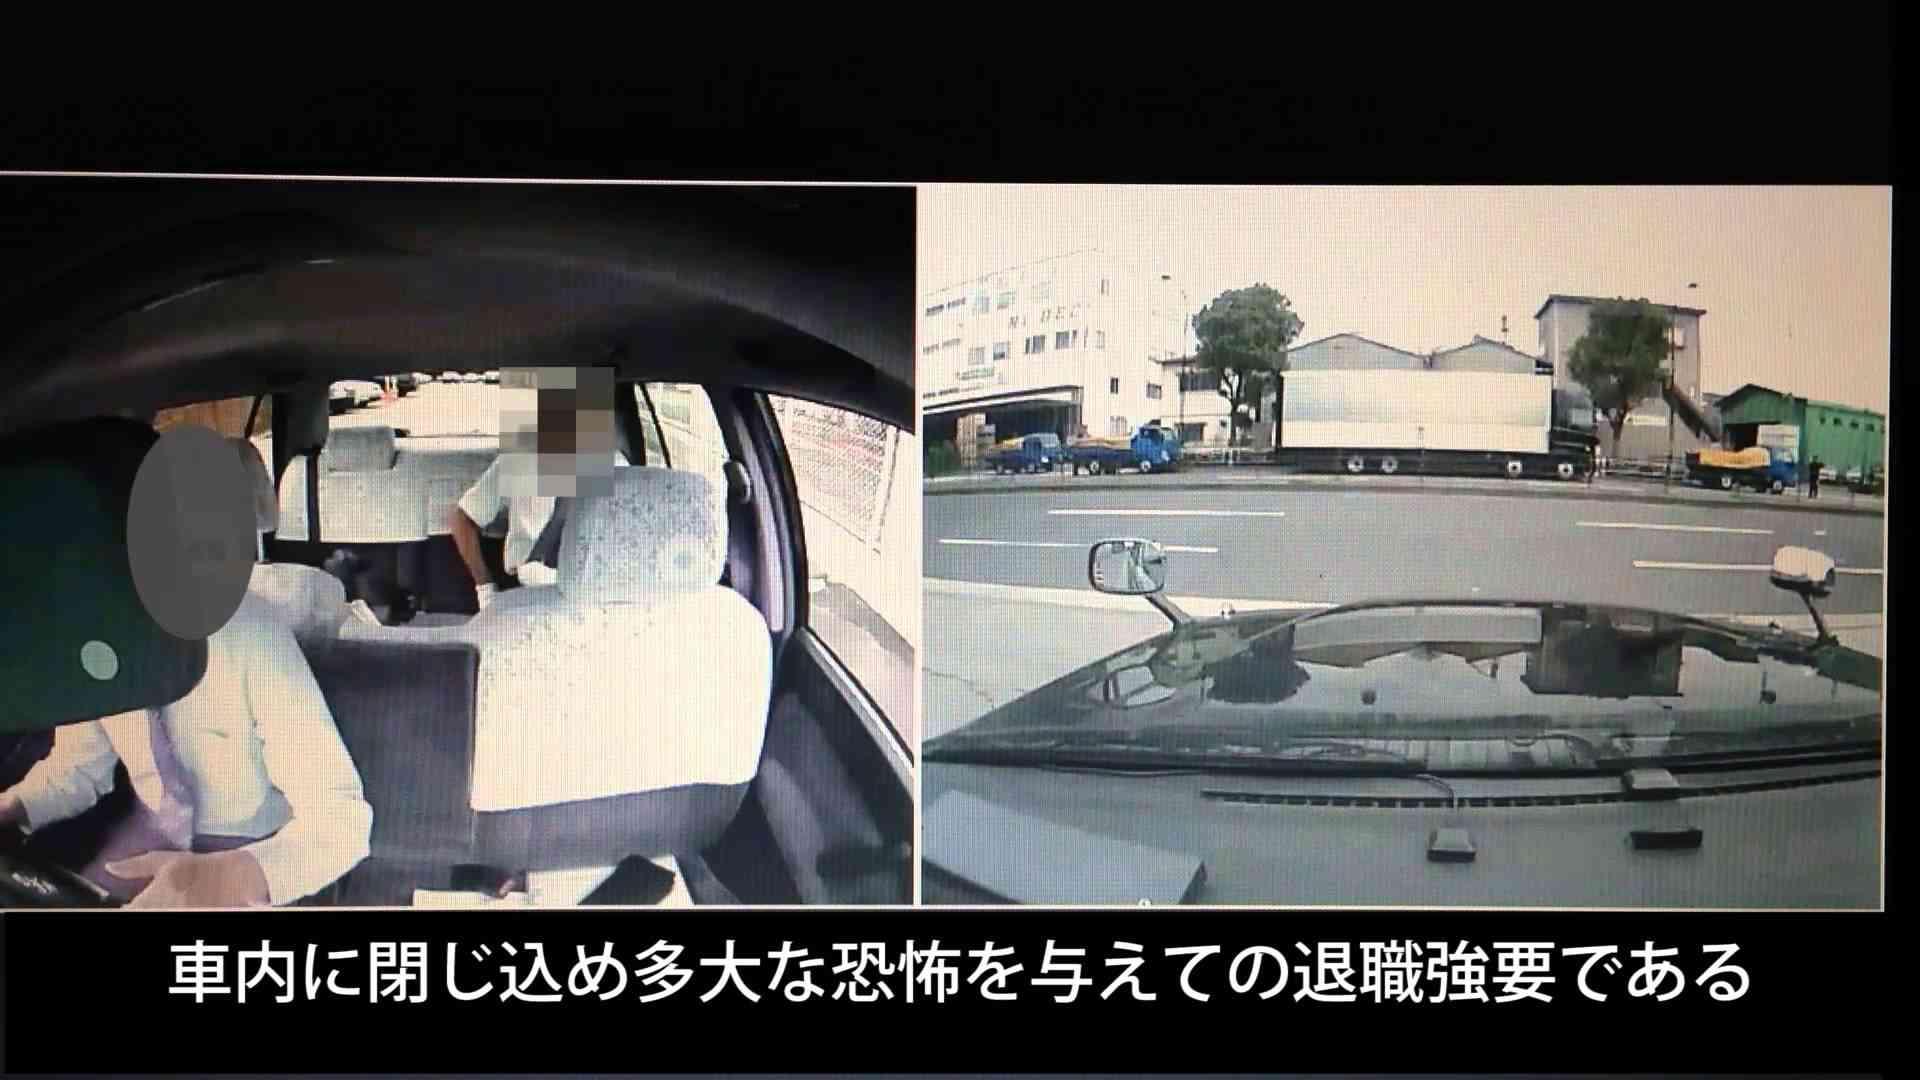 パワハラ〜常軌を逸している〜これが証拠映像だ!車に閉じ込めボコボコに蹴り退職強要/タクシー会社オーナーによるパワハラ02 - YouTube